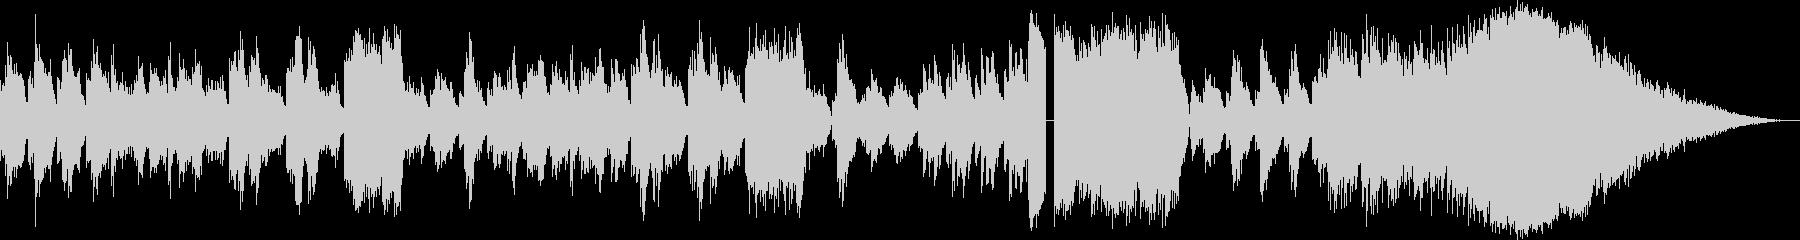 キラキラとした旋律のピアノソロBGMの未再生の波形